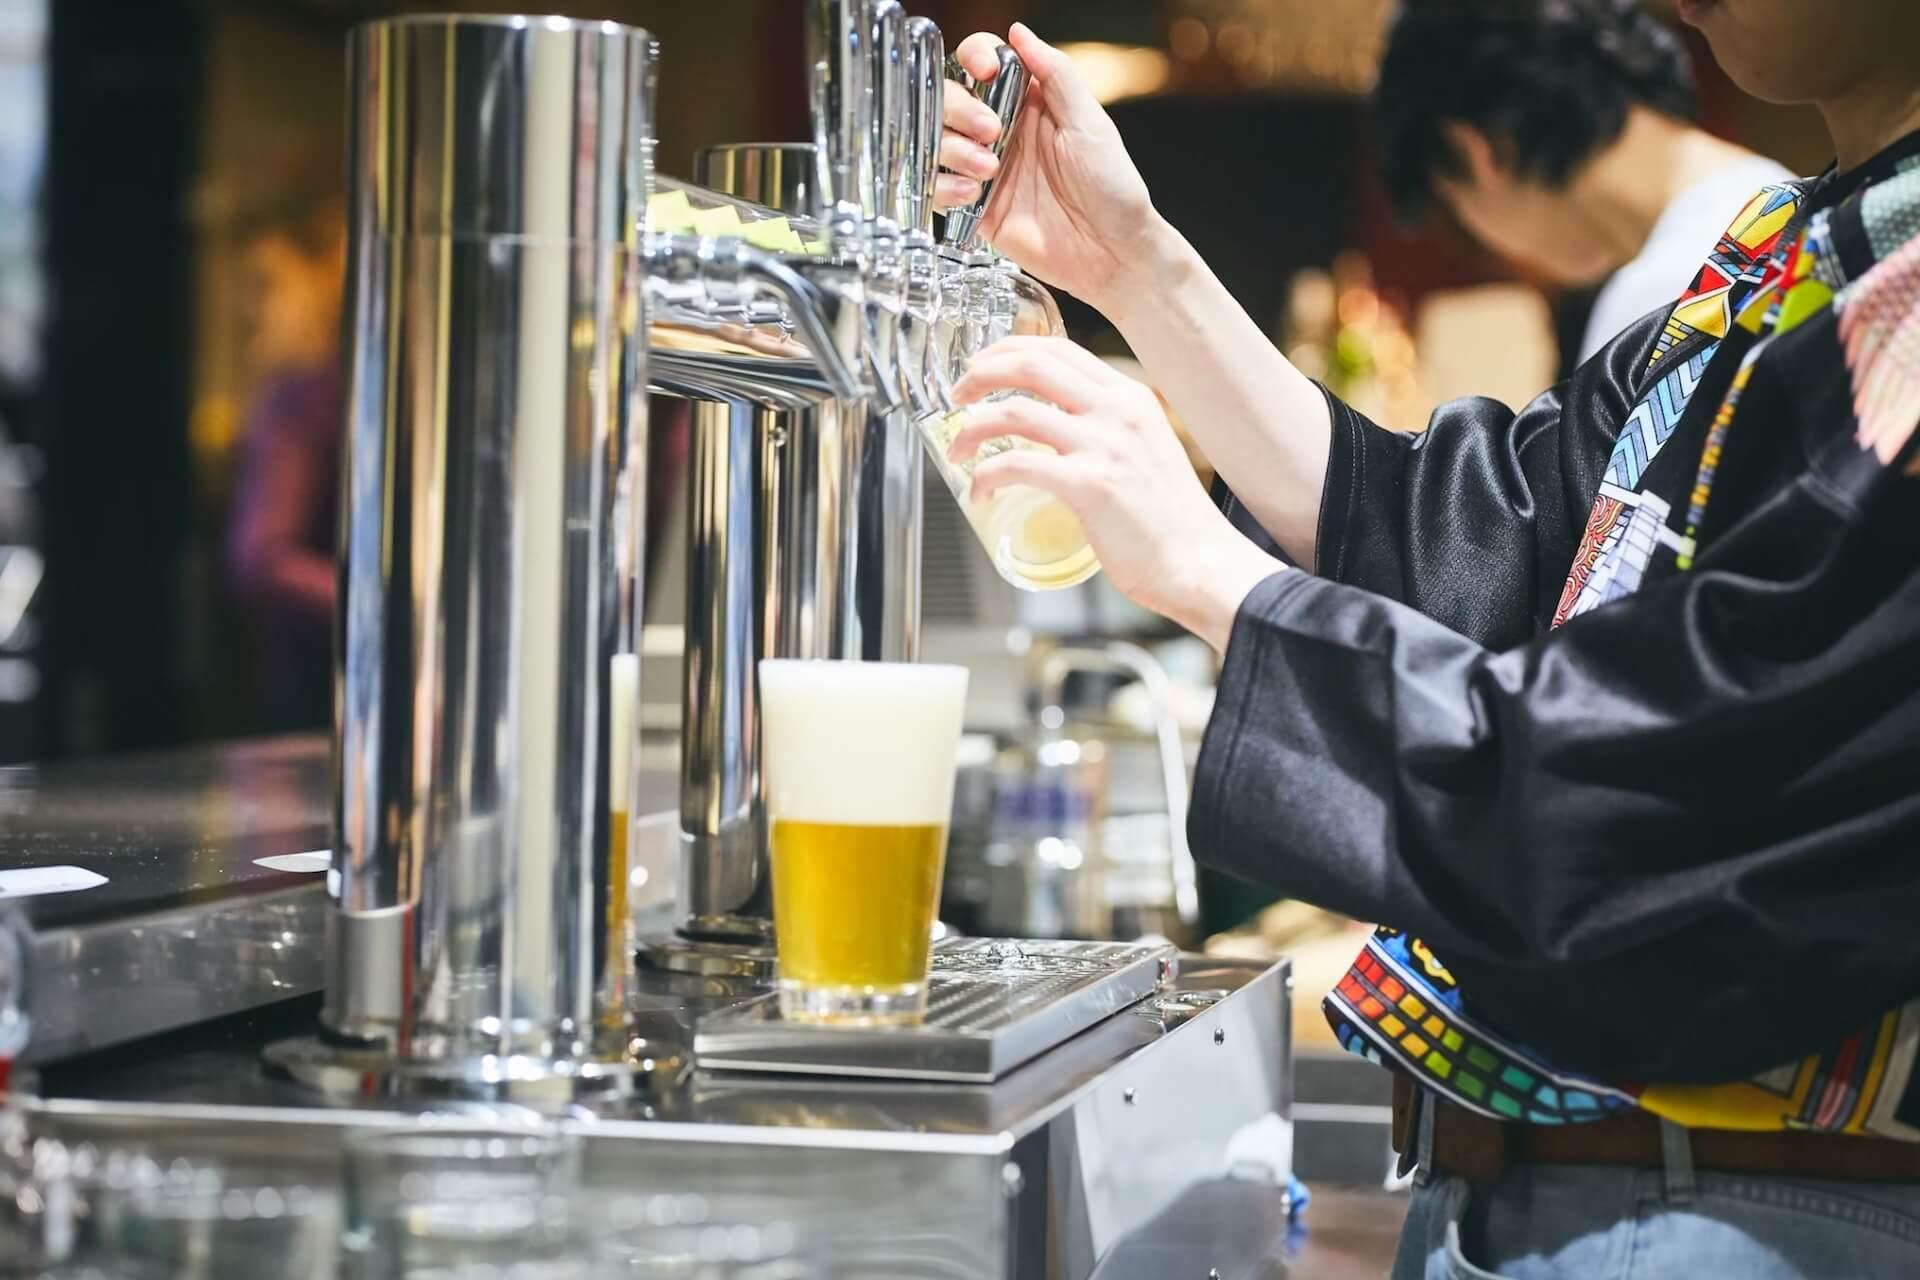 こだわりのクラフトビール column191220-mugimoto-1